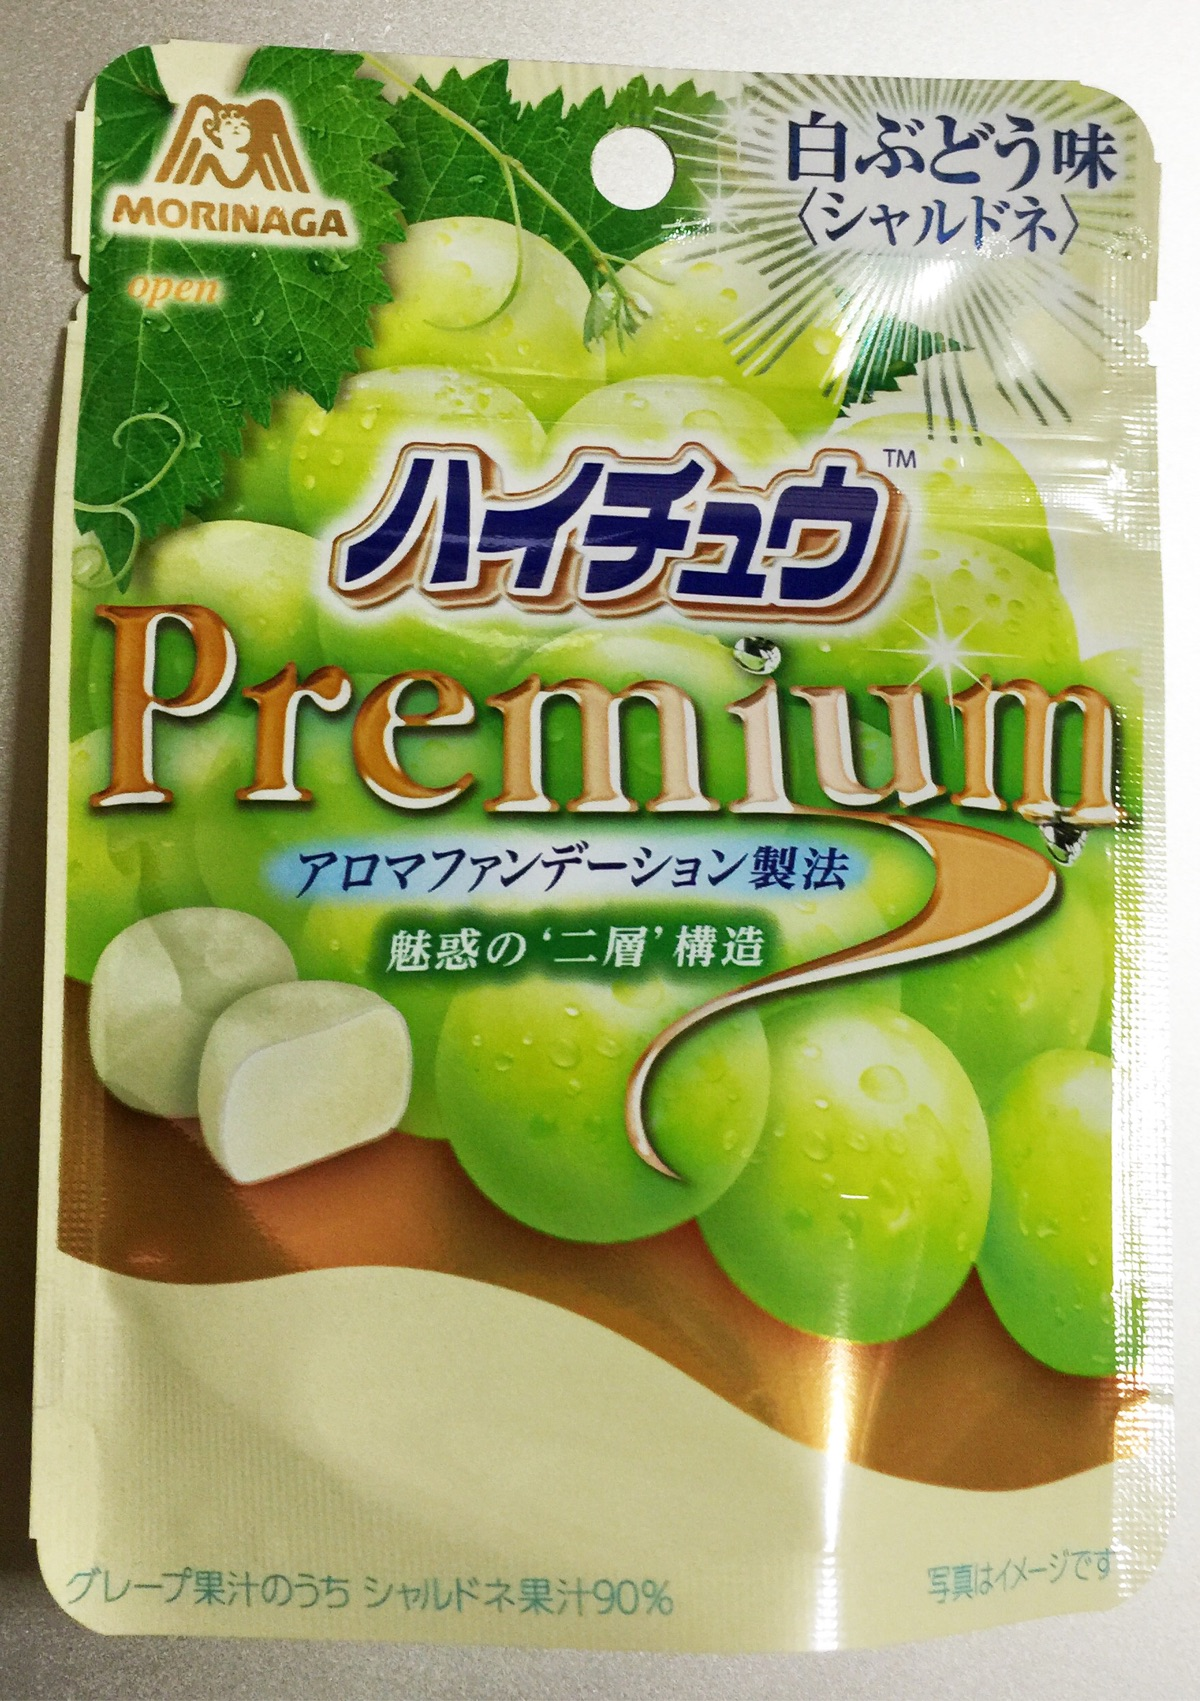 ハイチュウ プレミアム 白ぶどう味